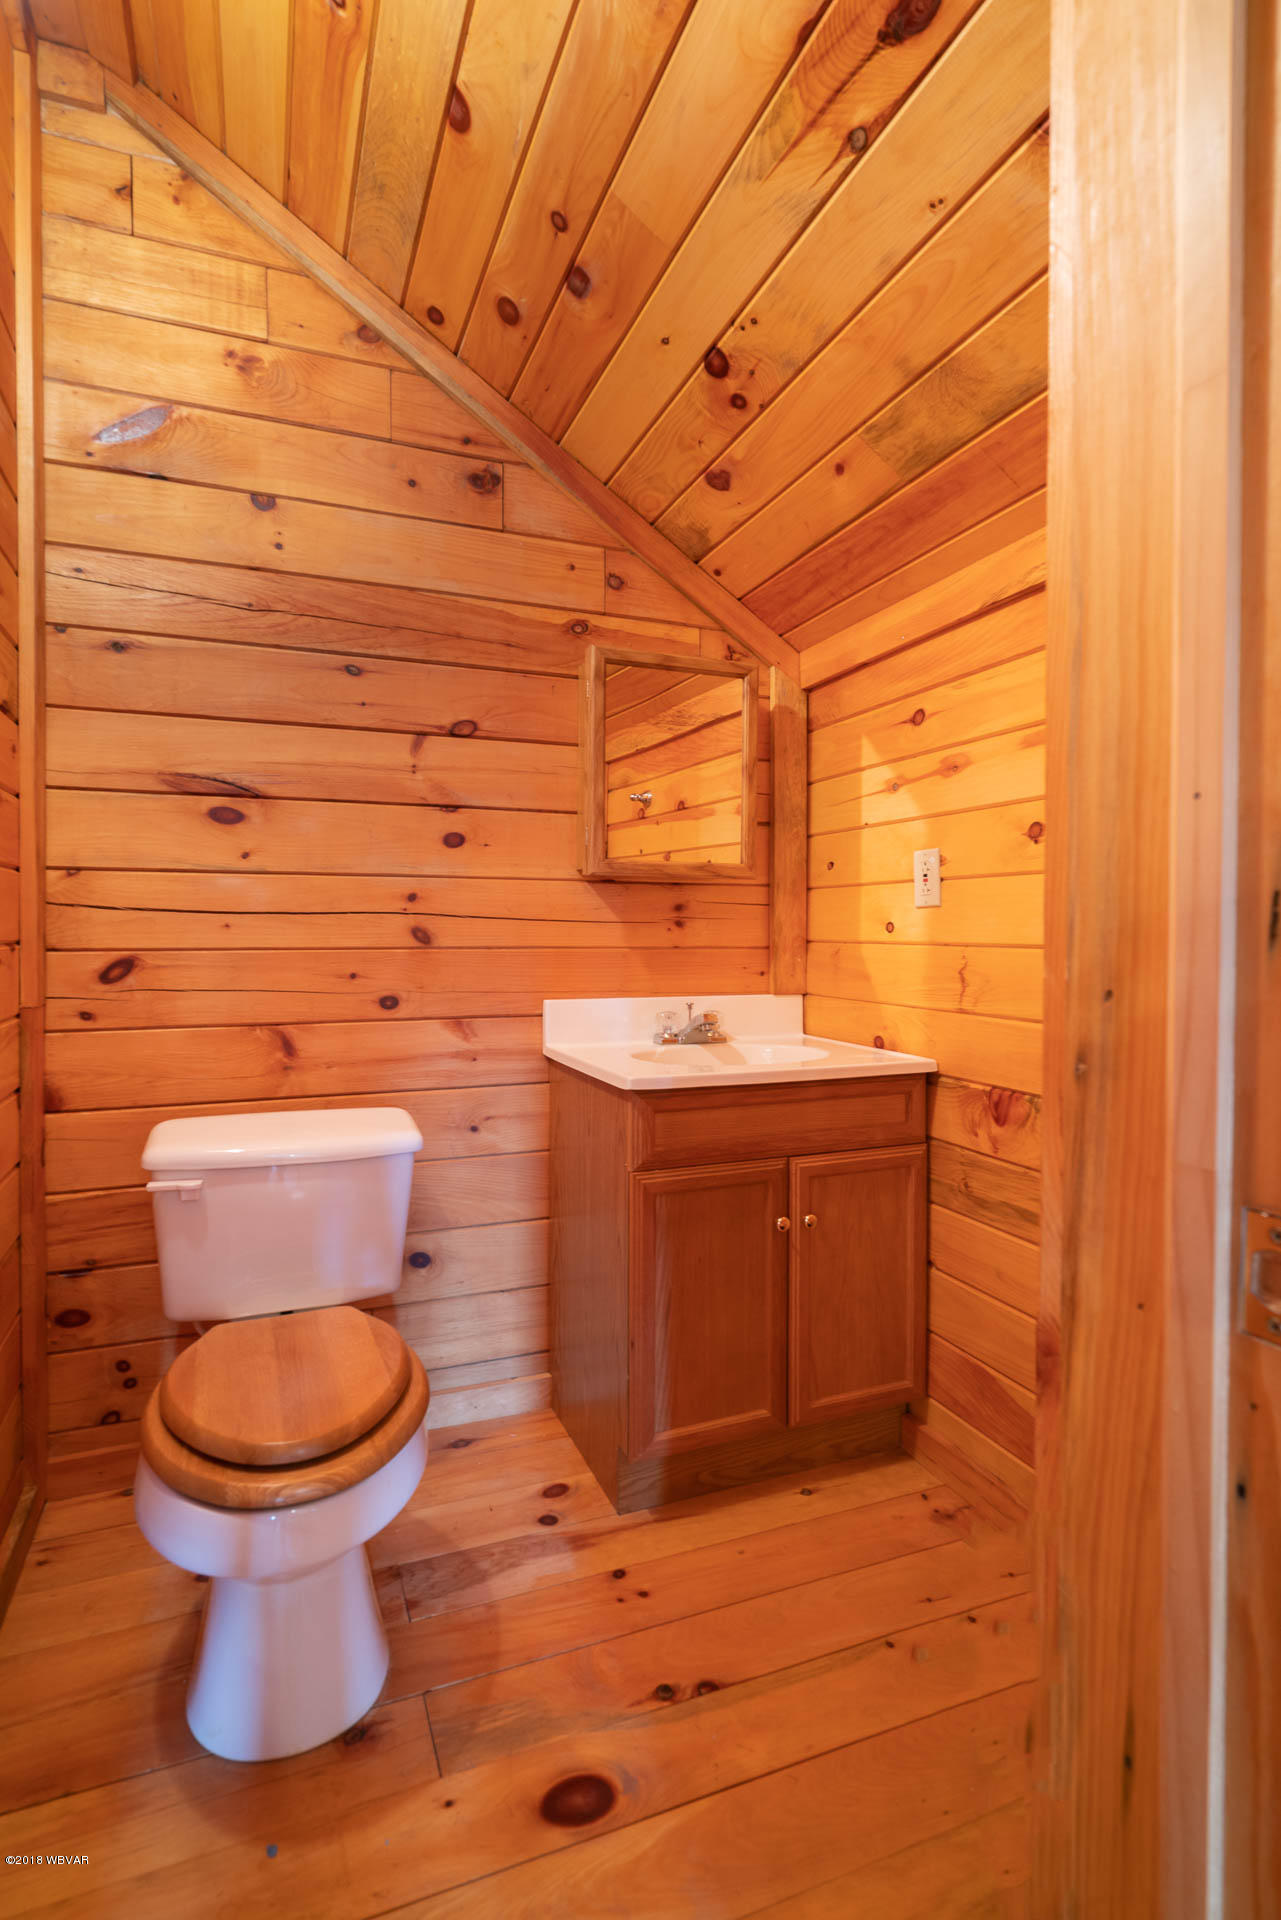 14 DELOVICH DRIVE,Shunk,PA 17768,2 Bedrooms Bedrooms,1 BathroomBathrooms,Cabin/vacation home,DELOVICH,WB-85979